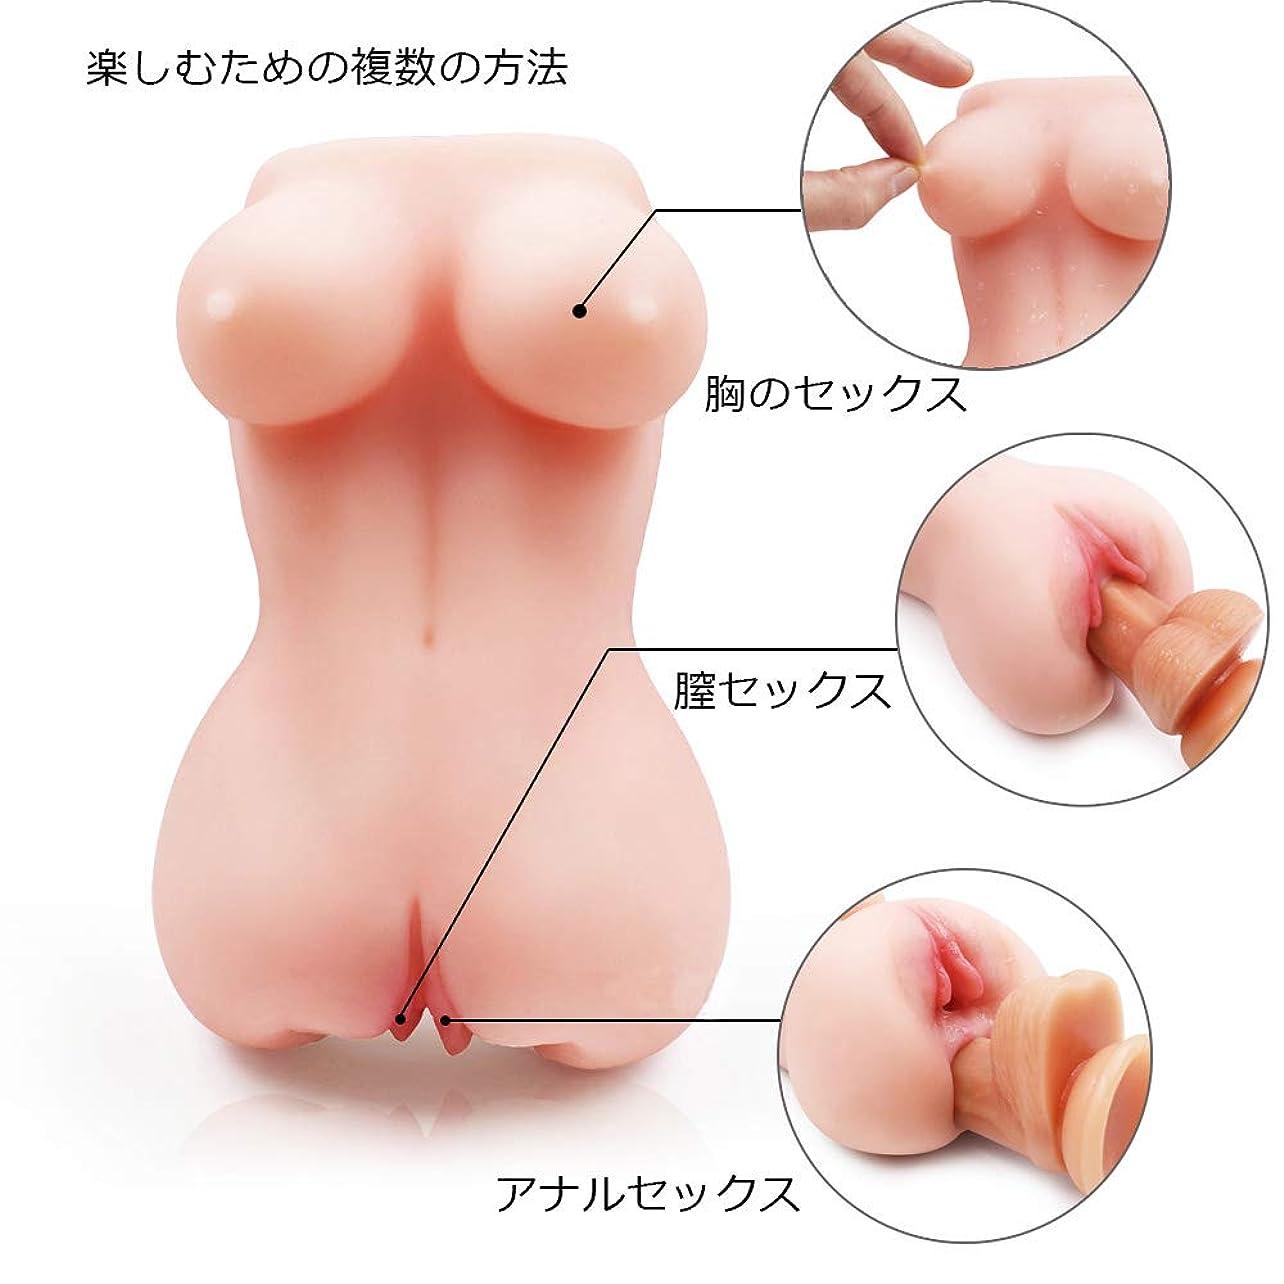 許される驚いた根拠3Dステレオシミュレーション大人のシリコーン人形、男性のオナニー用品、医療用シリコーン素材男性のセックス製品